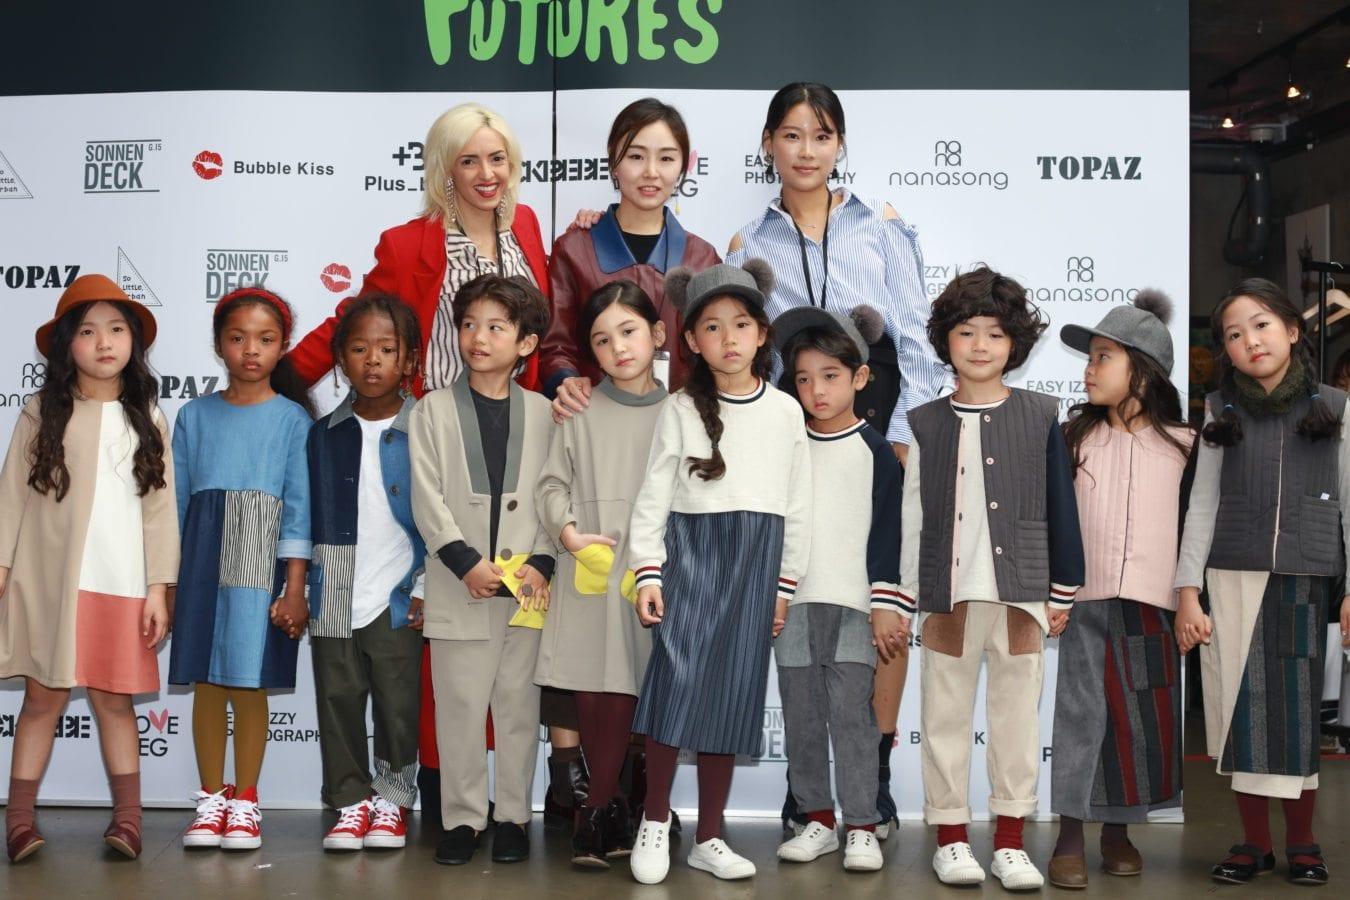 seoul fashion futures group